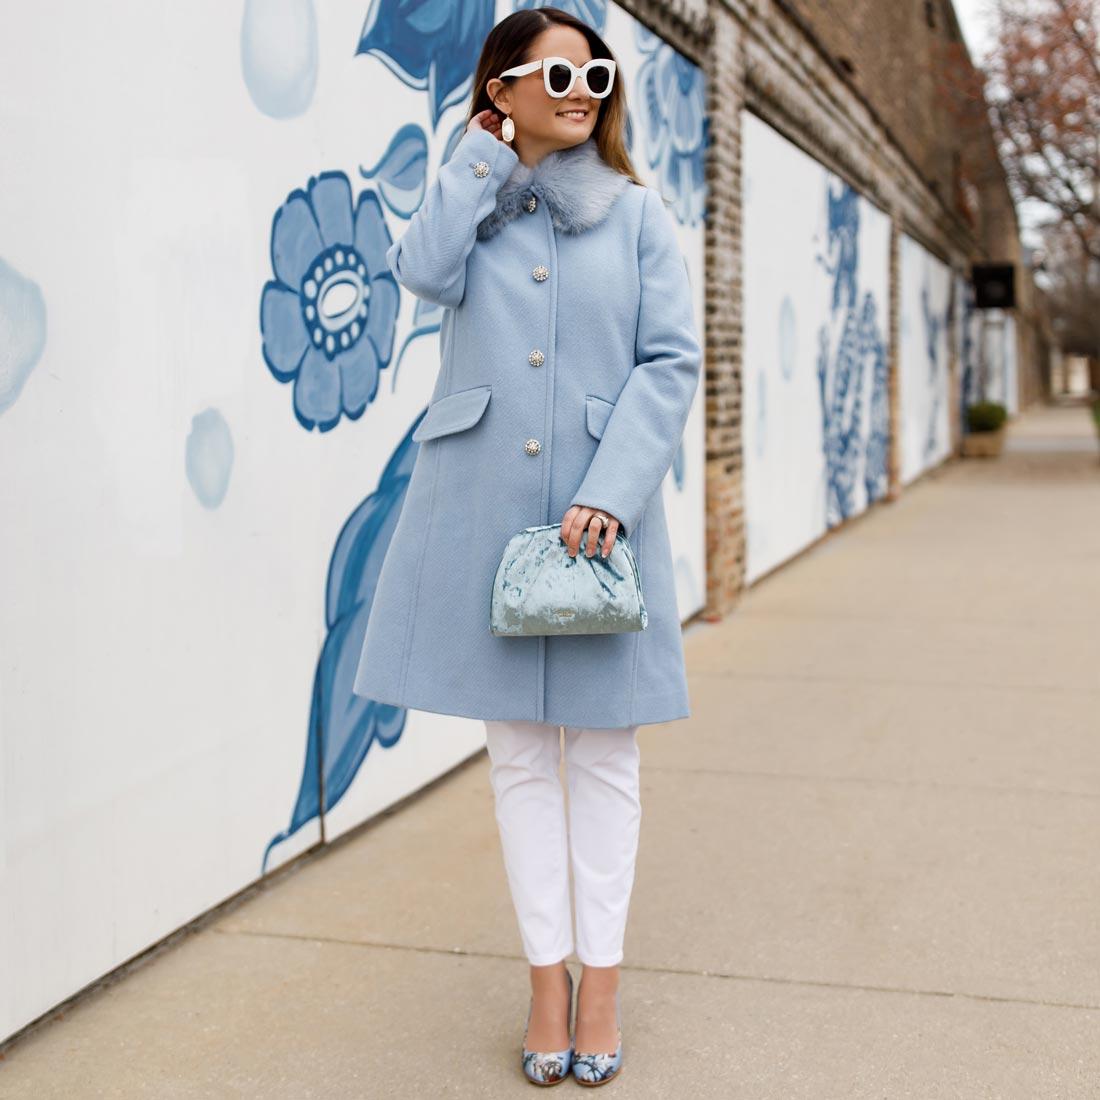 Jennifer Lake Blue Kate Spade Coat